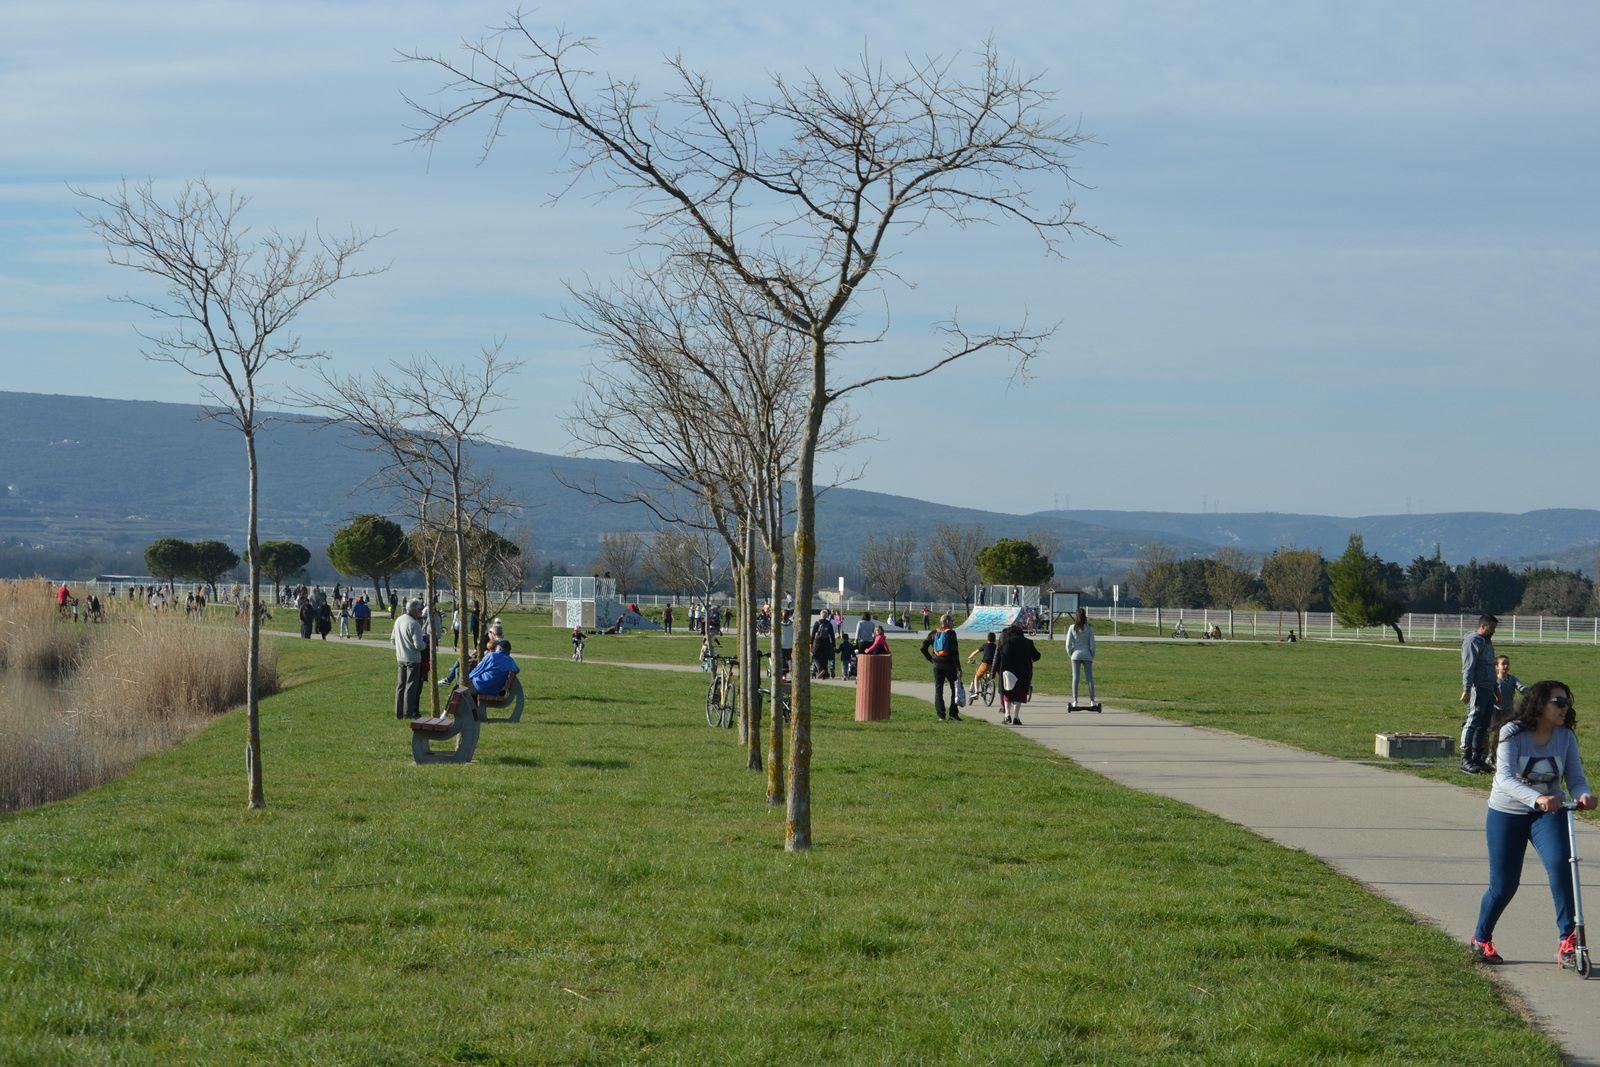 Il y a deux pistes autour du plan d'eau, une pour les rollers, les vélos et les marcheurs préférant le bitume sur une longueur de 2 km 567 et une autre sur une piste tout venant sur une distance de 2 km 900.